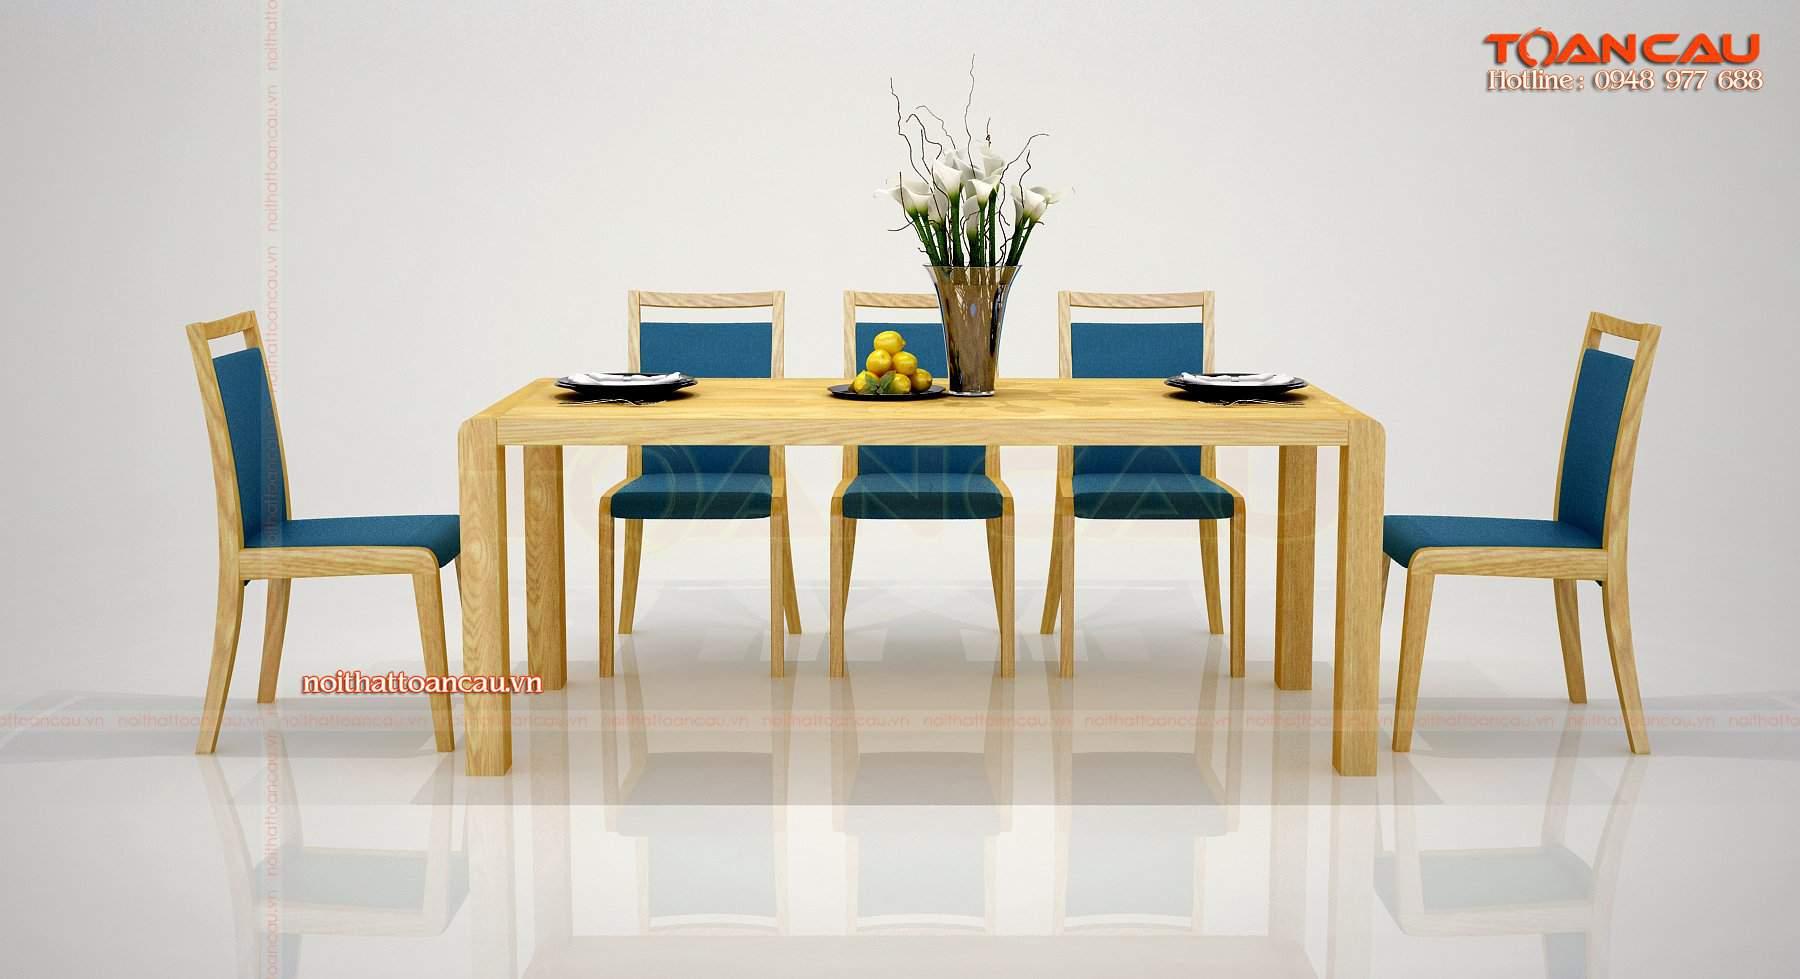 Mẫu bàn ăn gỗ sồi nga đẹp và hiện đại